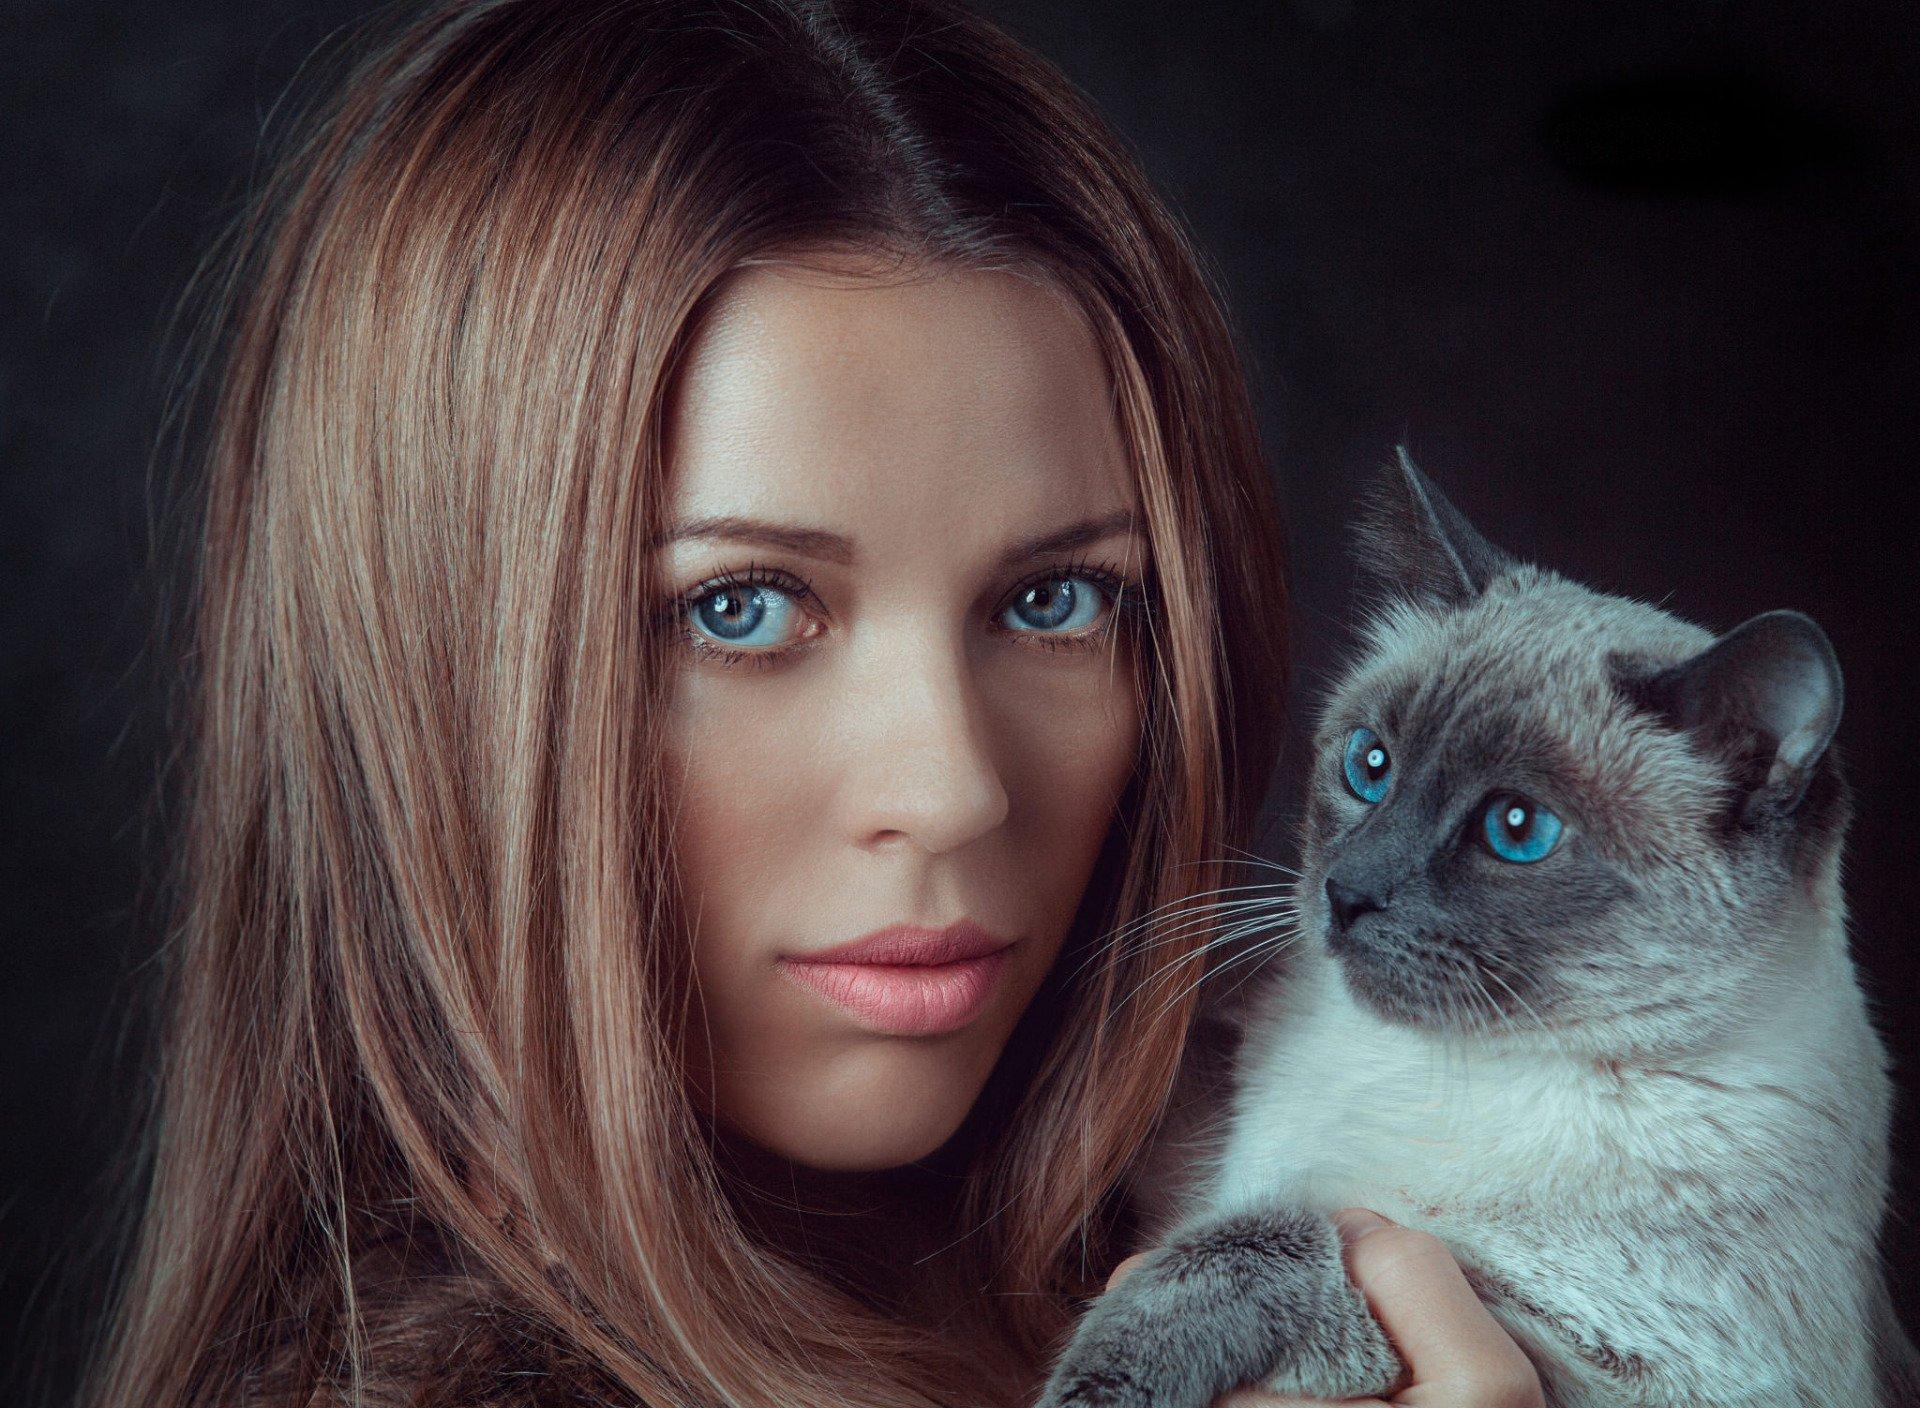 Картинки про девушек-кошек